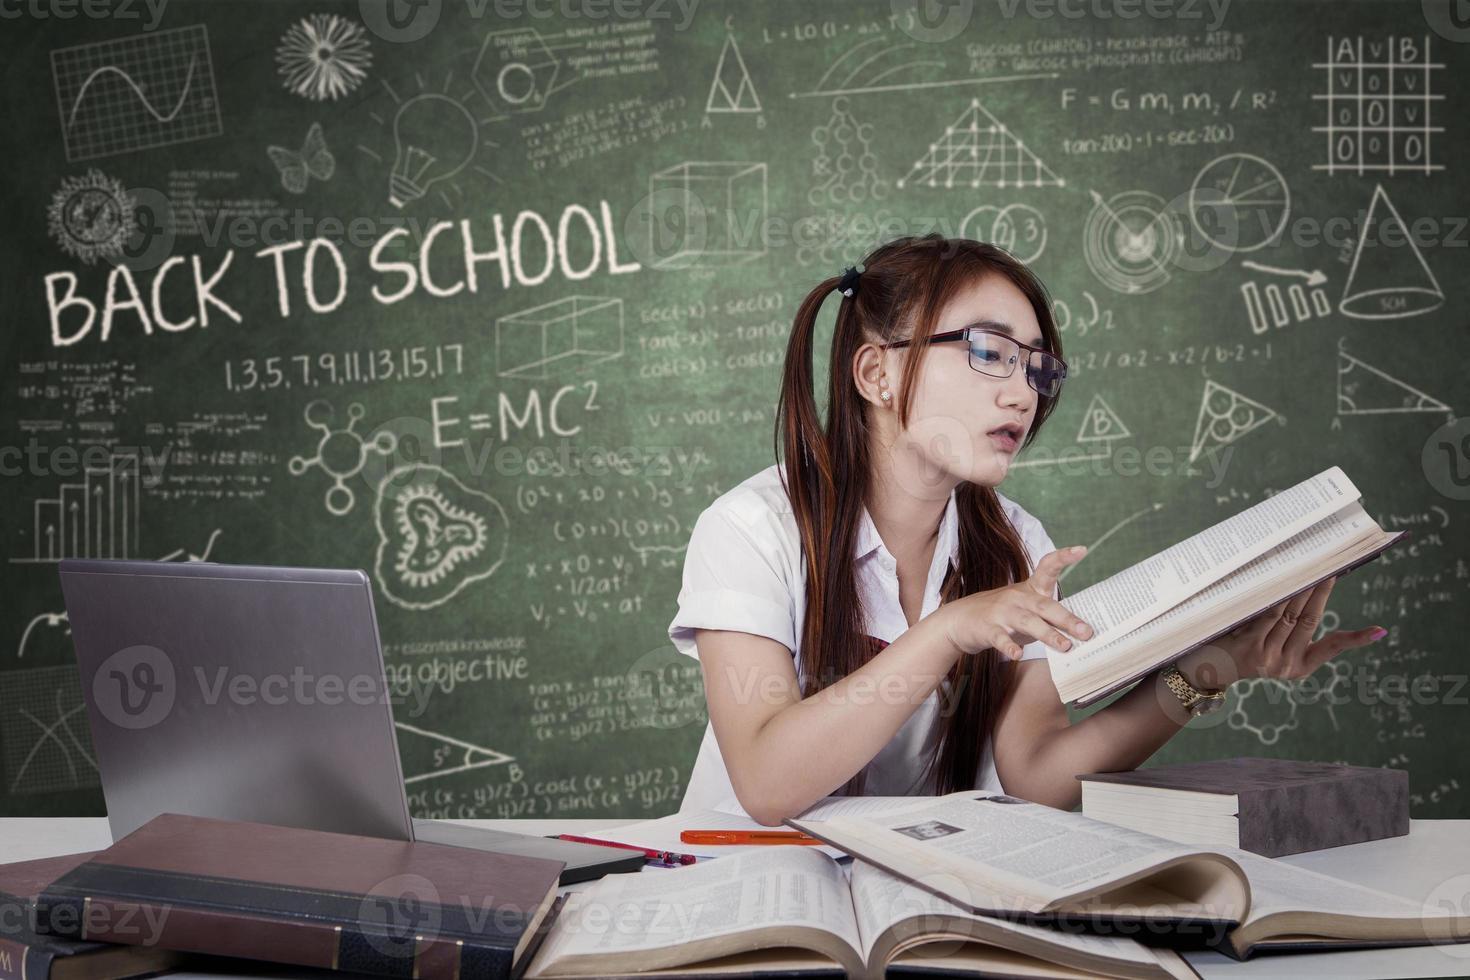 estudante adolescente lendo um livro foto